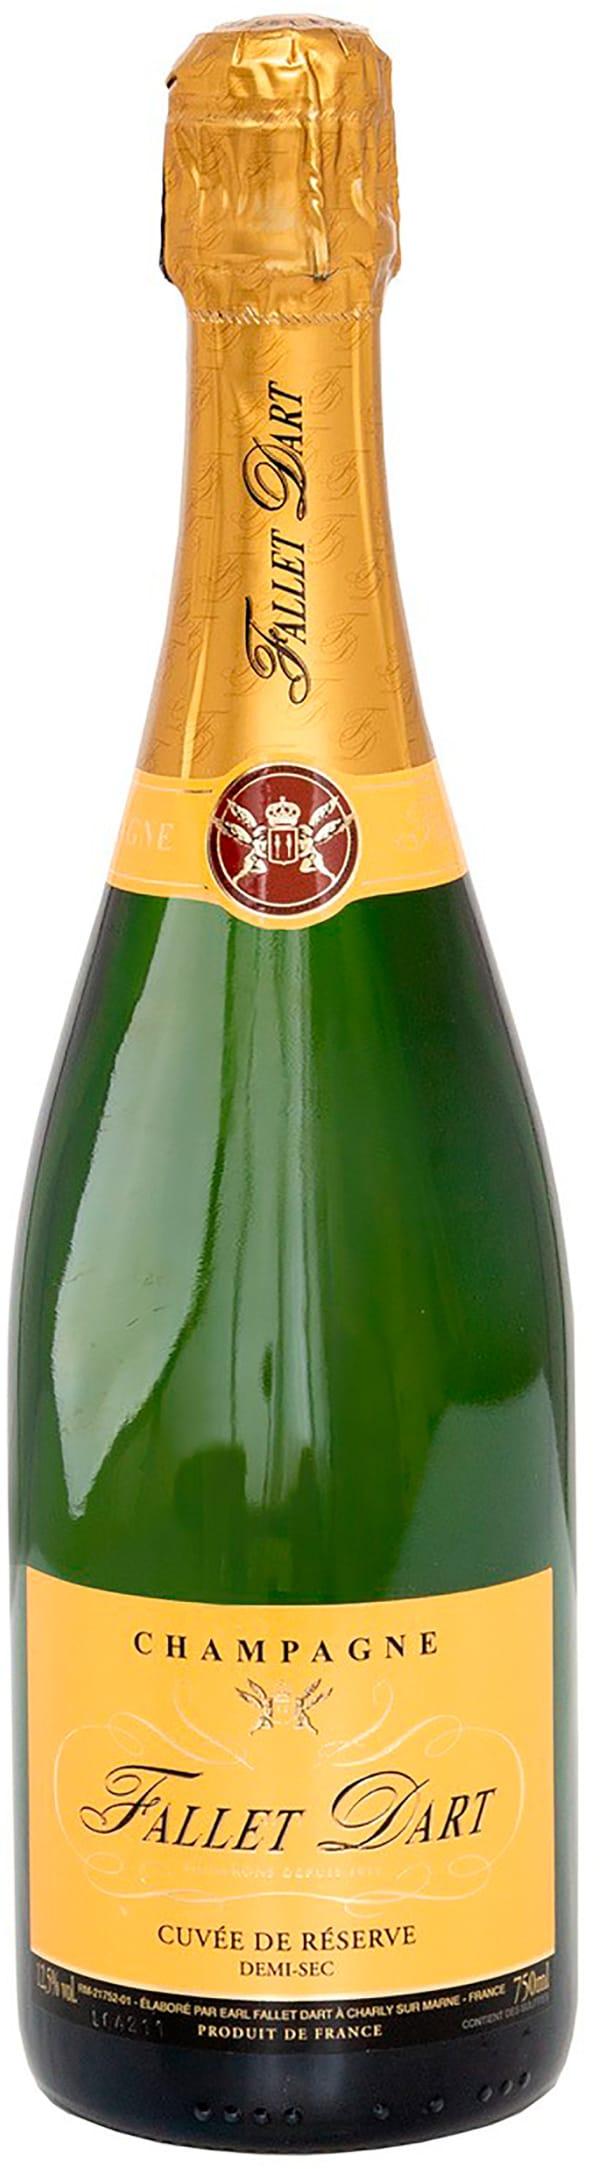 Fallet Dart Cuvée de Réserve Champagne Demi-Sec